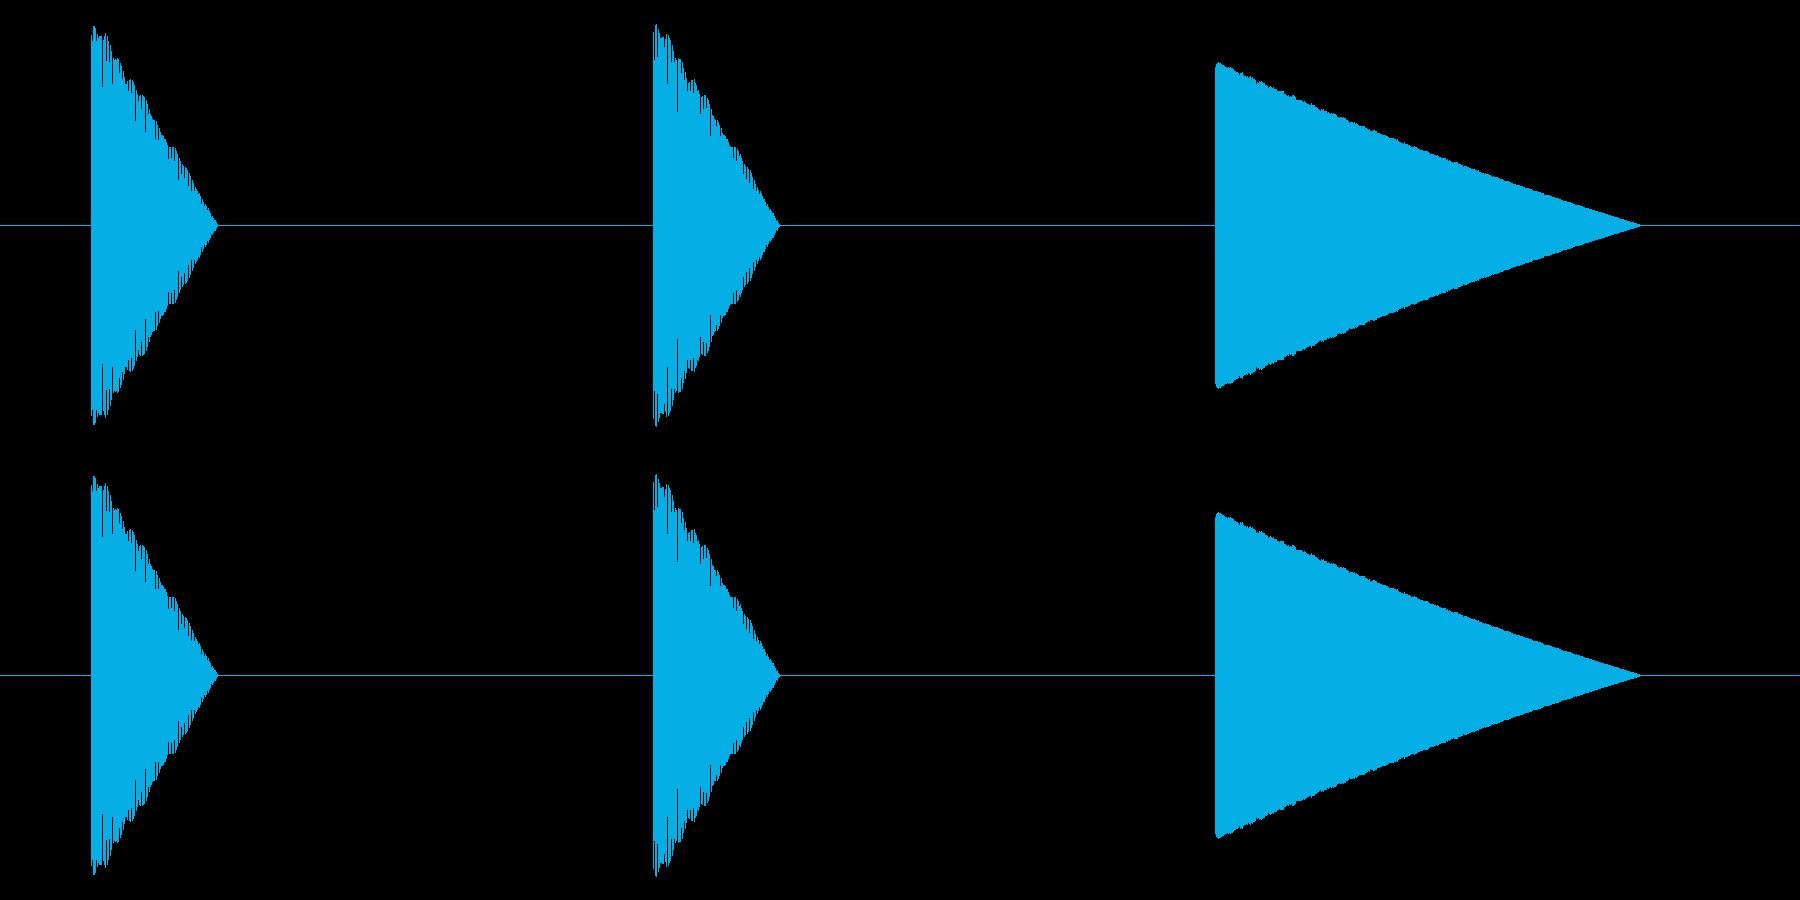 SNES レース02-09(カウントダウの再生済みの波形